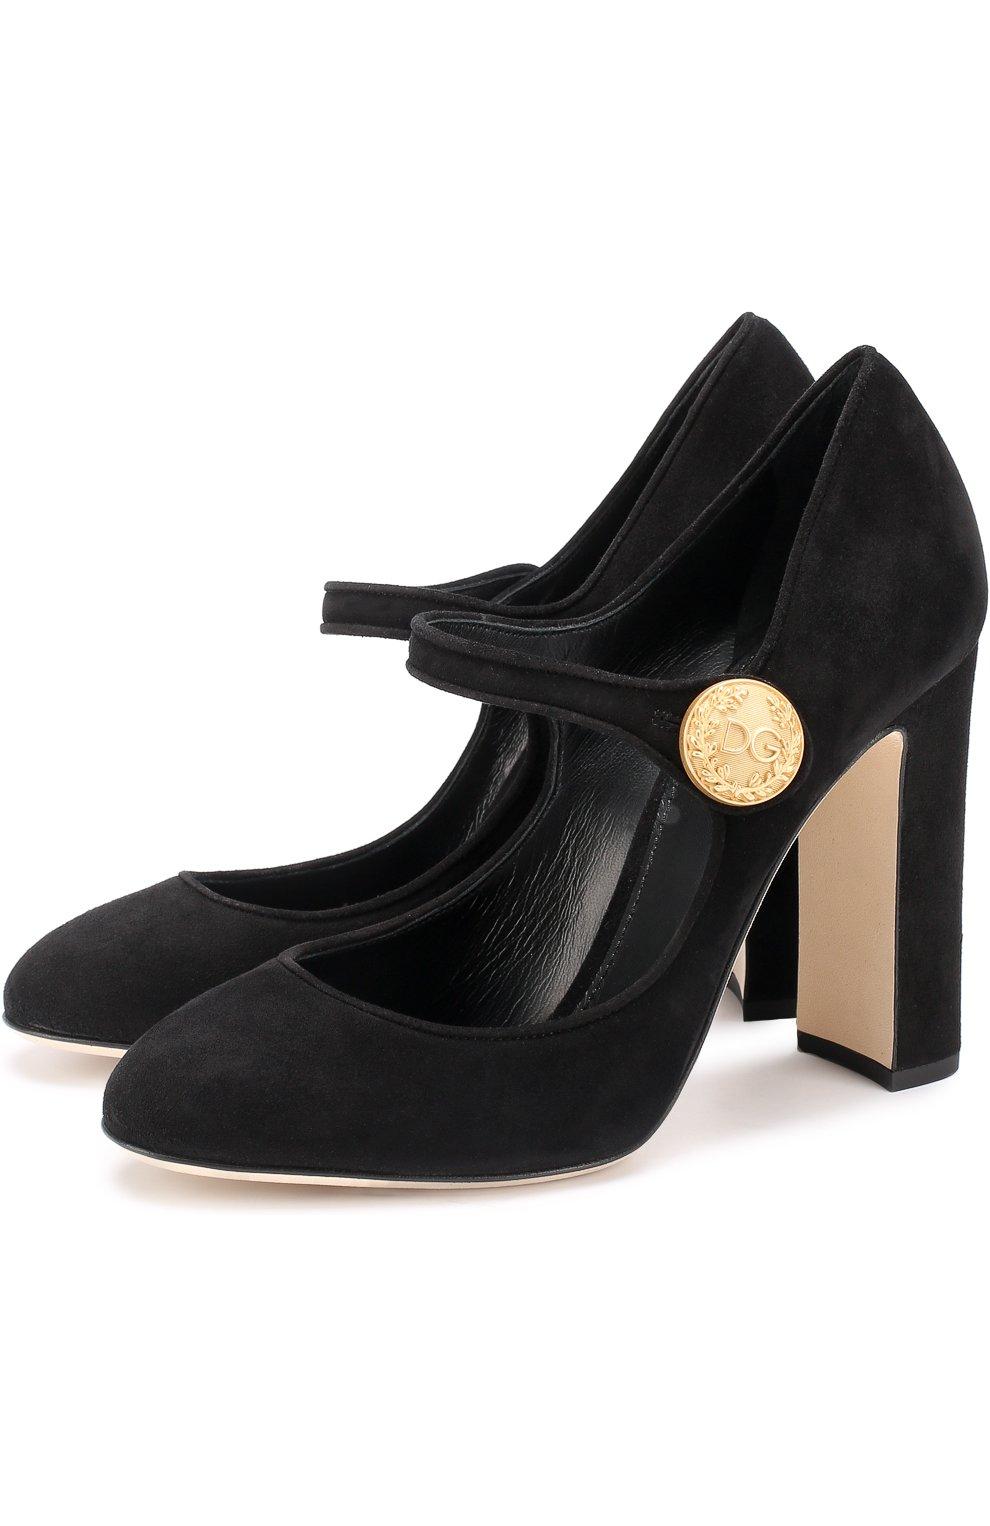 Замшевые туфли Vally на устойчивом каблуке   Фото №1